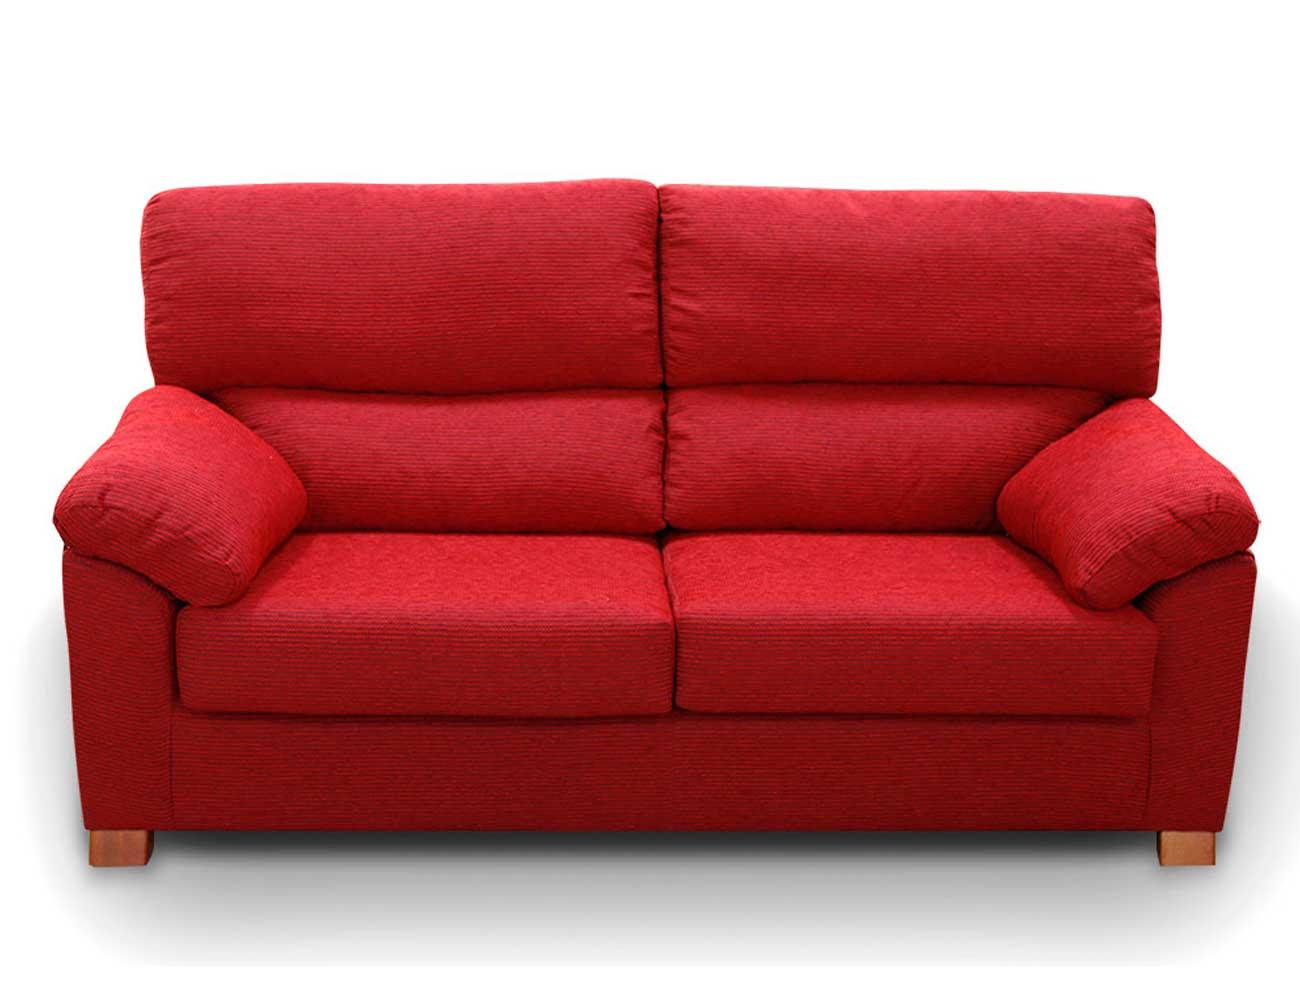 Sofa barato 3 plazas rojo19